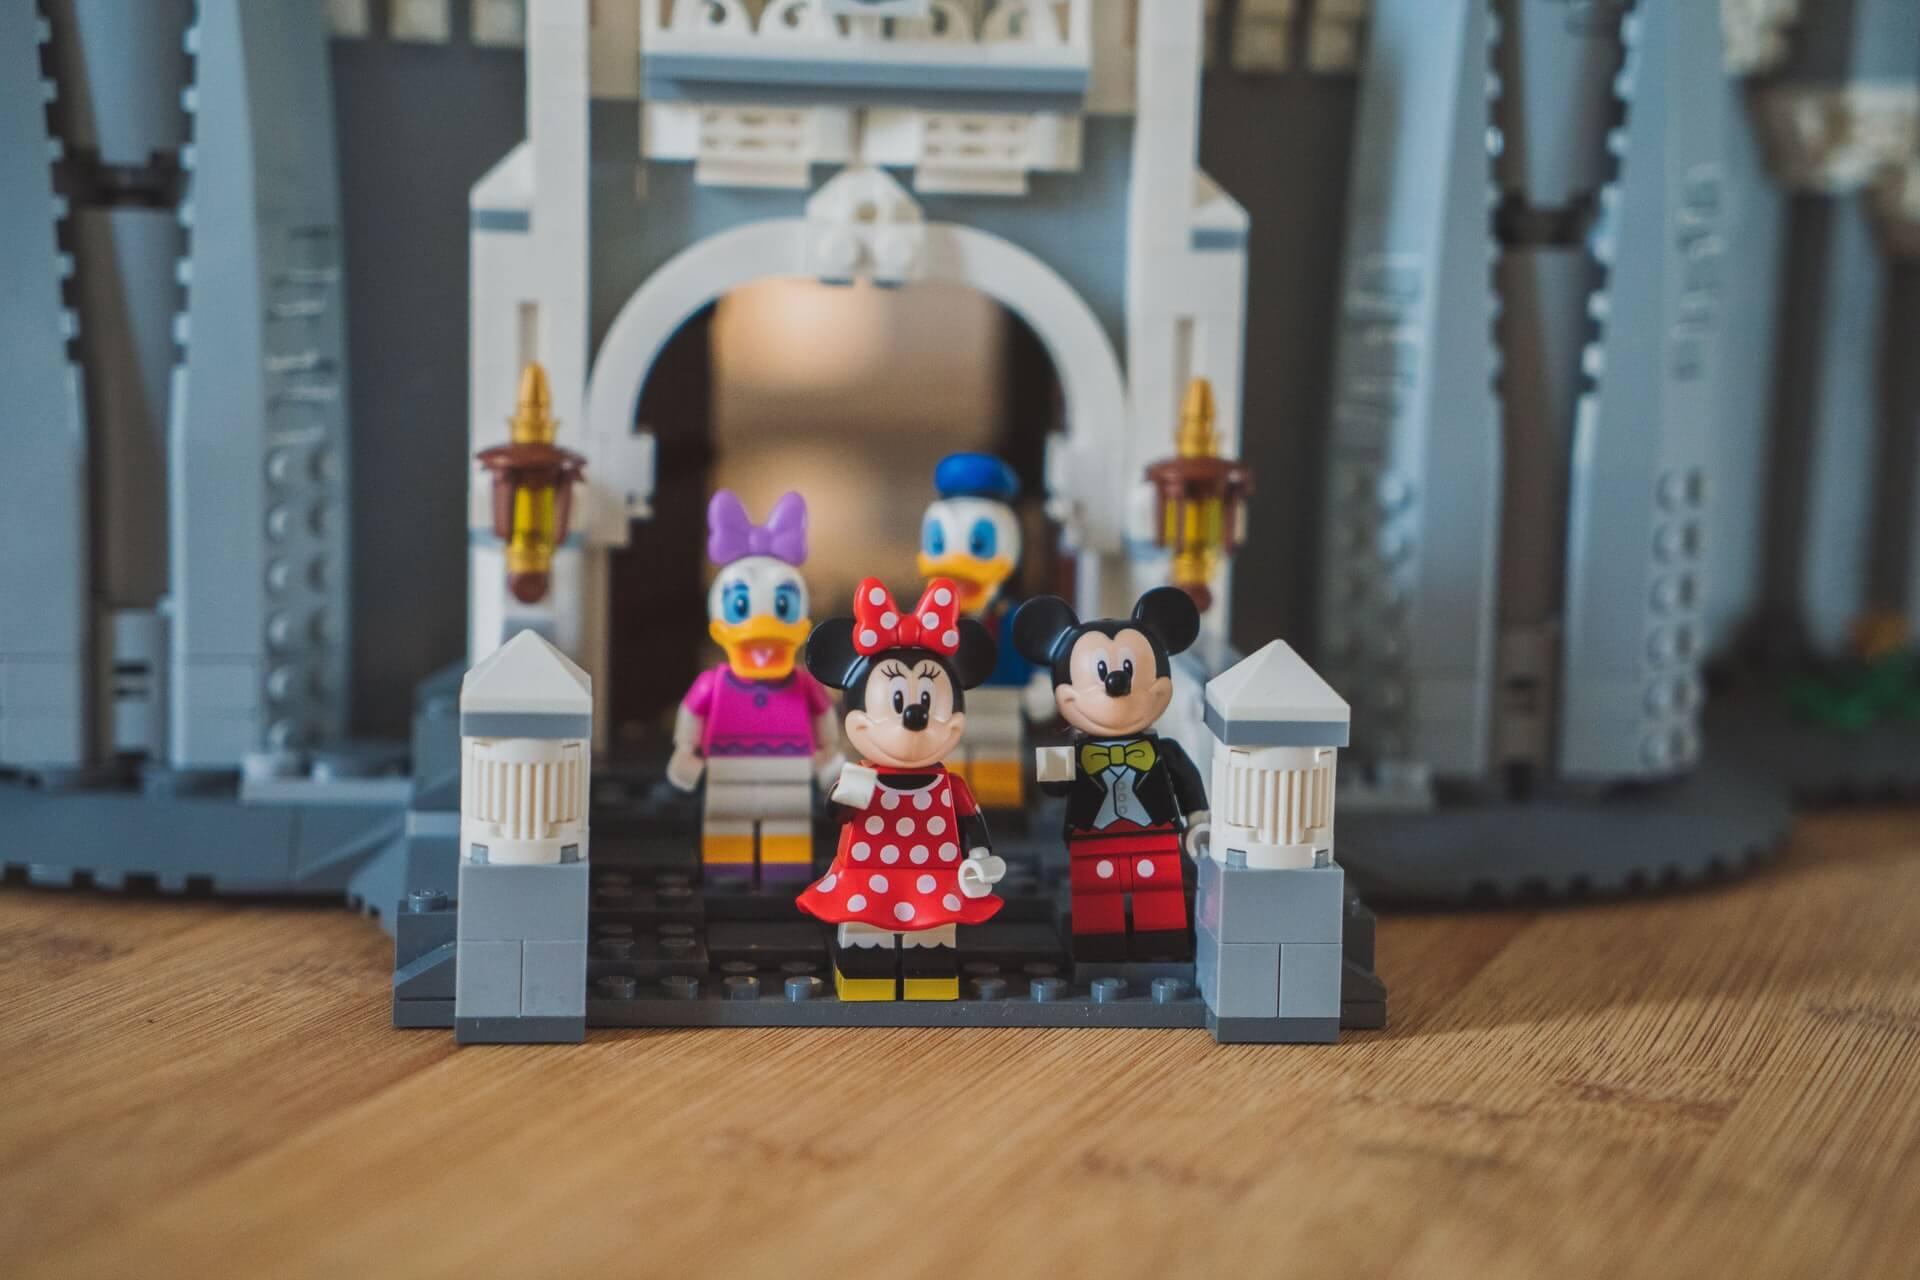 「初めて泊まる方向け」ディズニーオフィシャルホテルランキングの対象